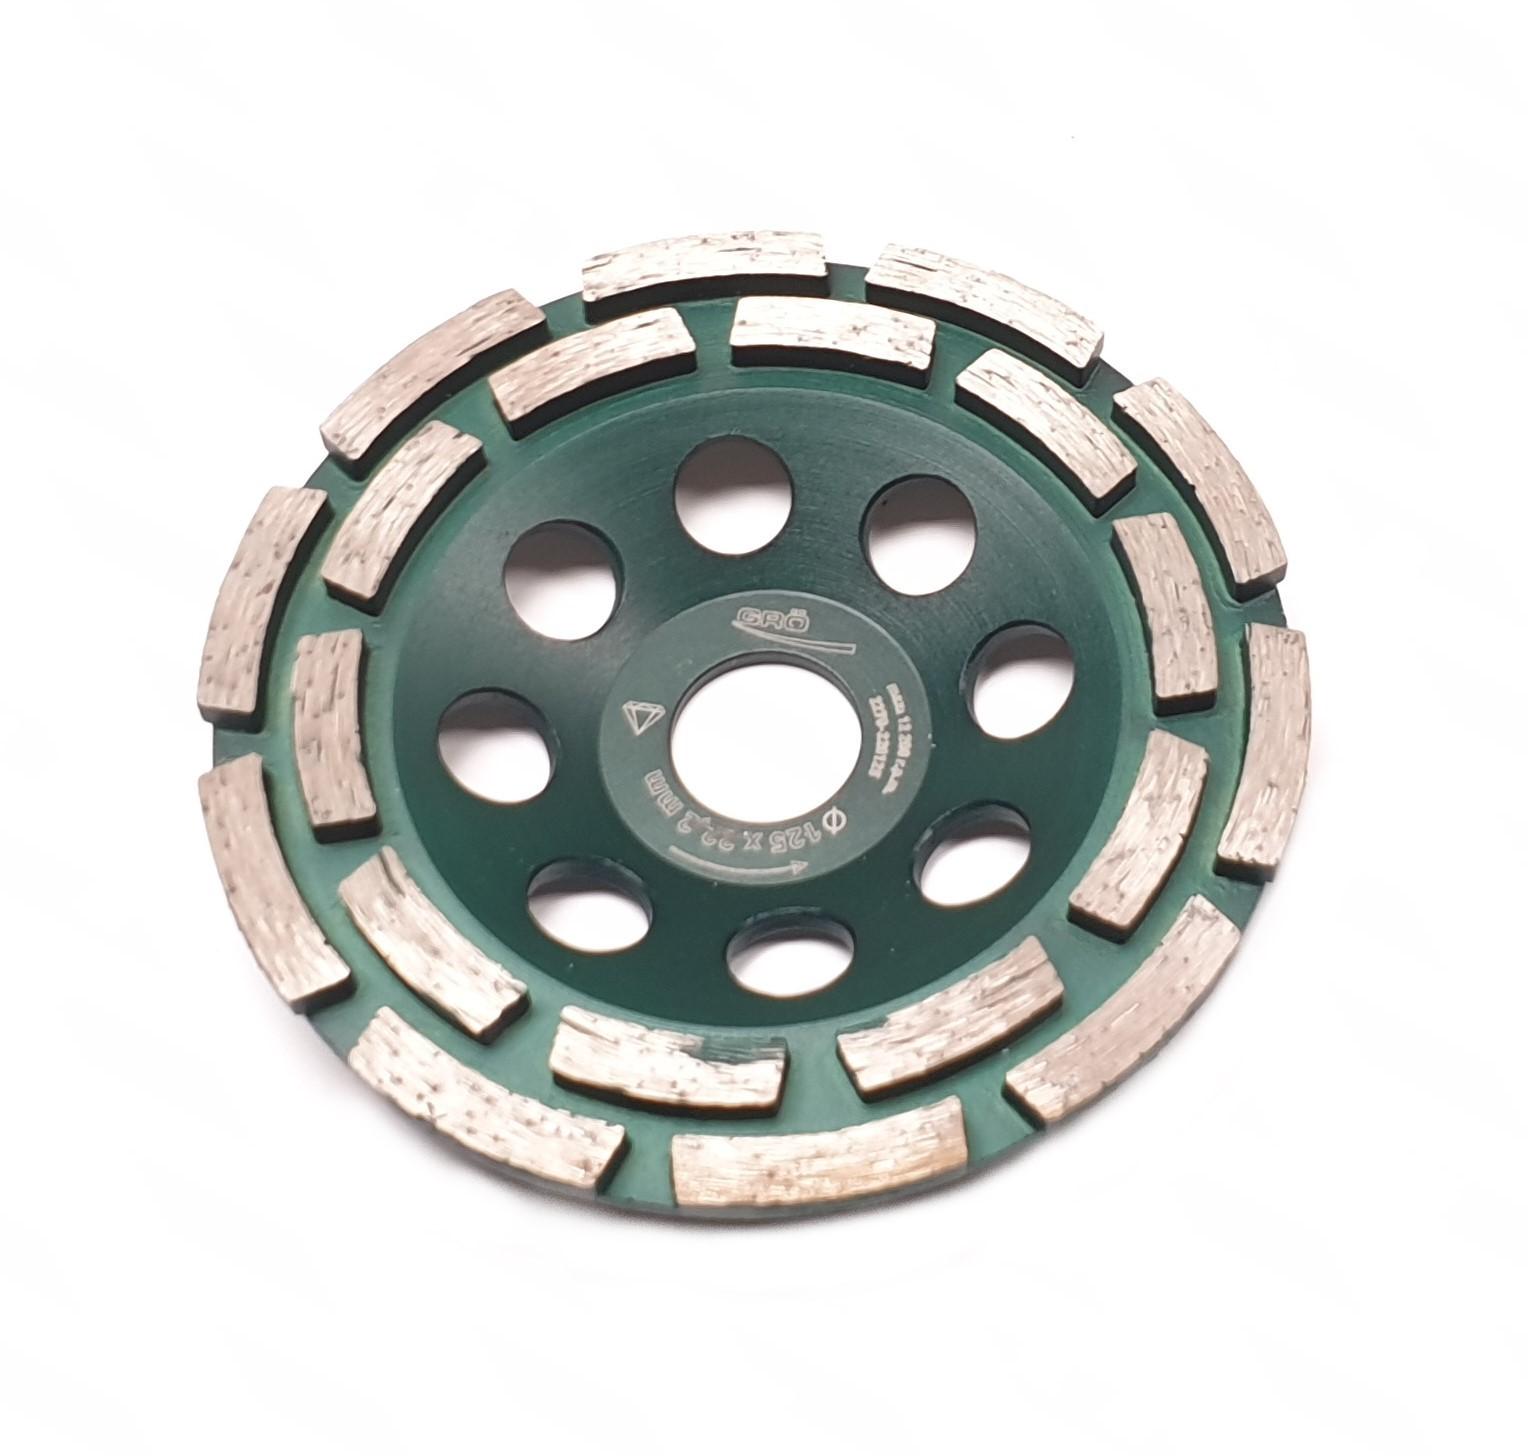 Disque diamanté de surfaçage double piste 125 mm Gröne